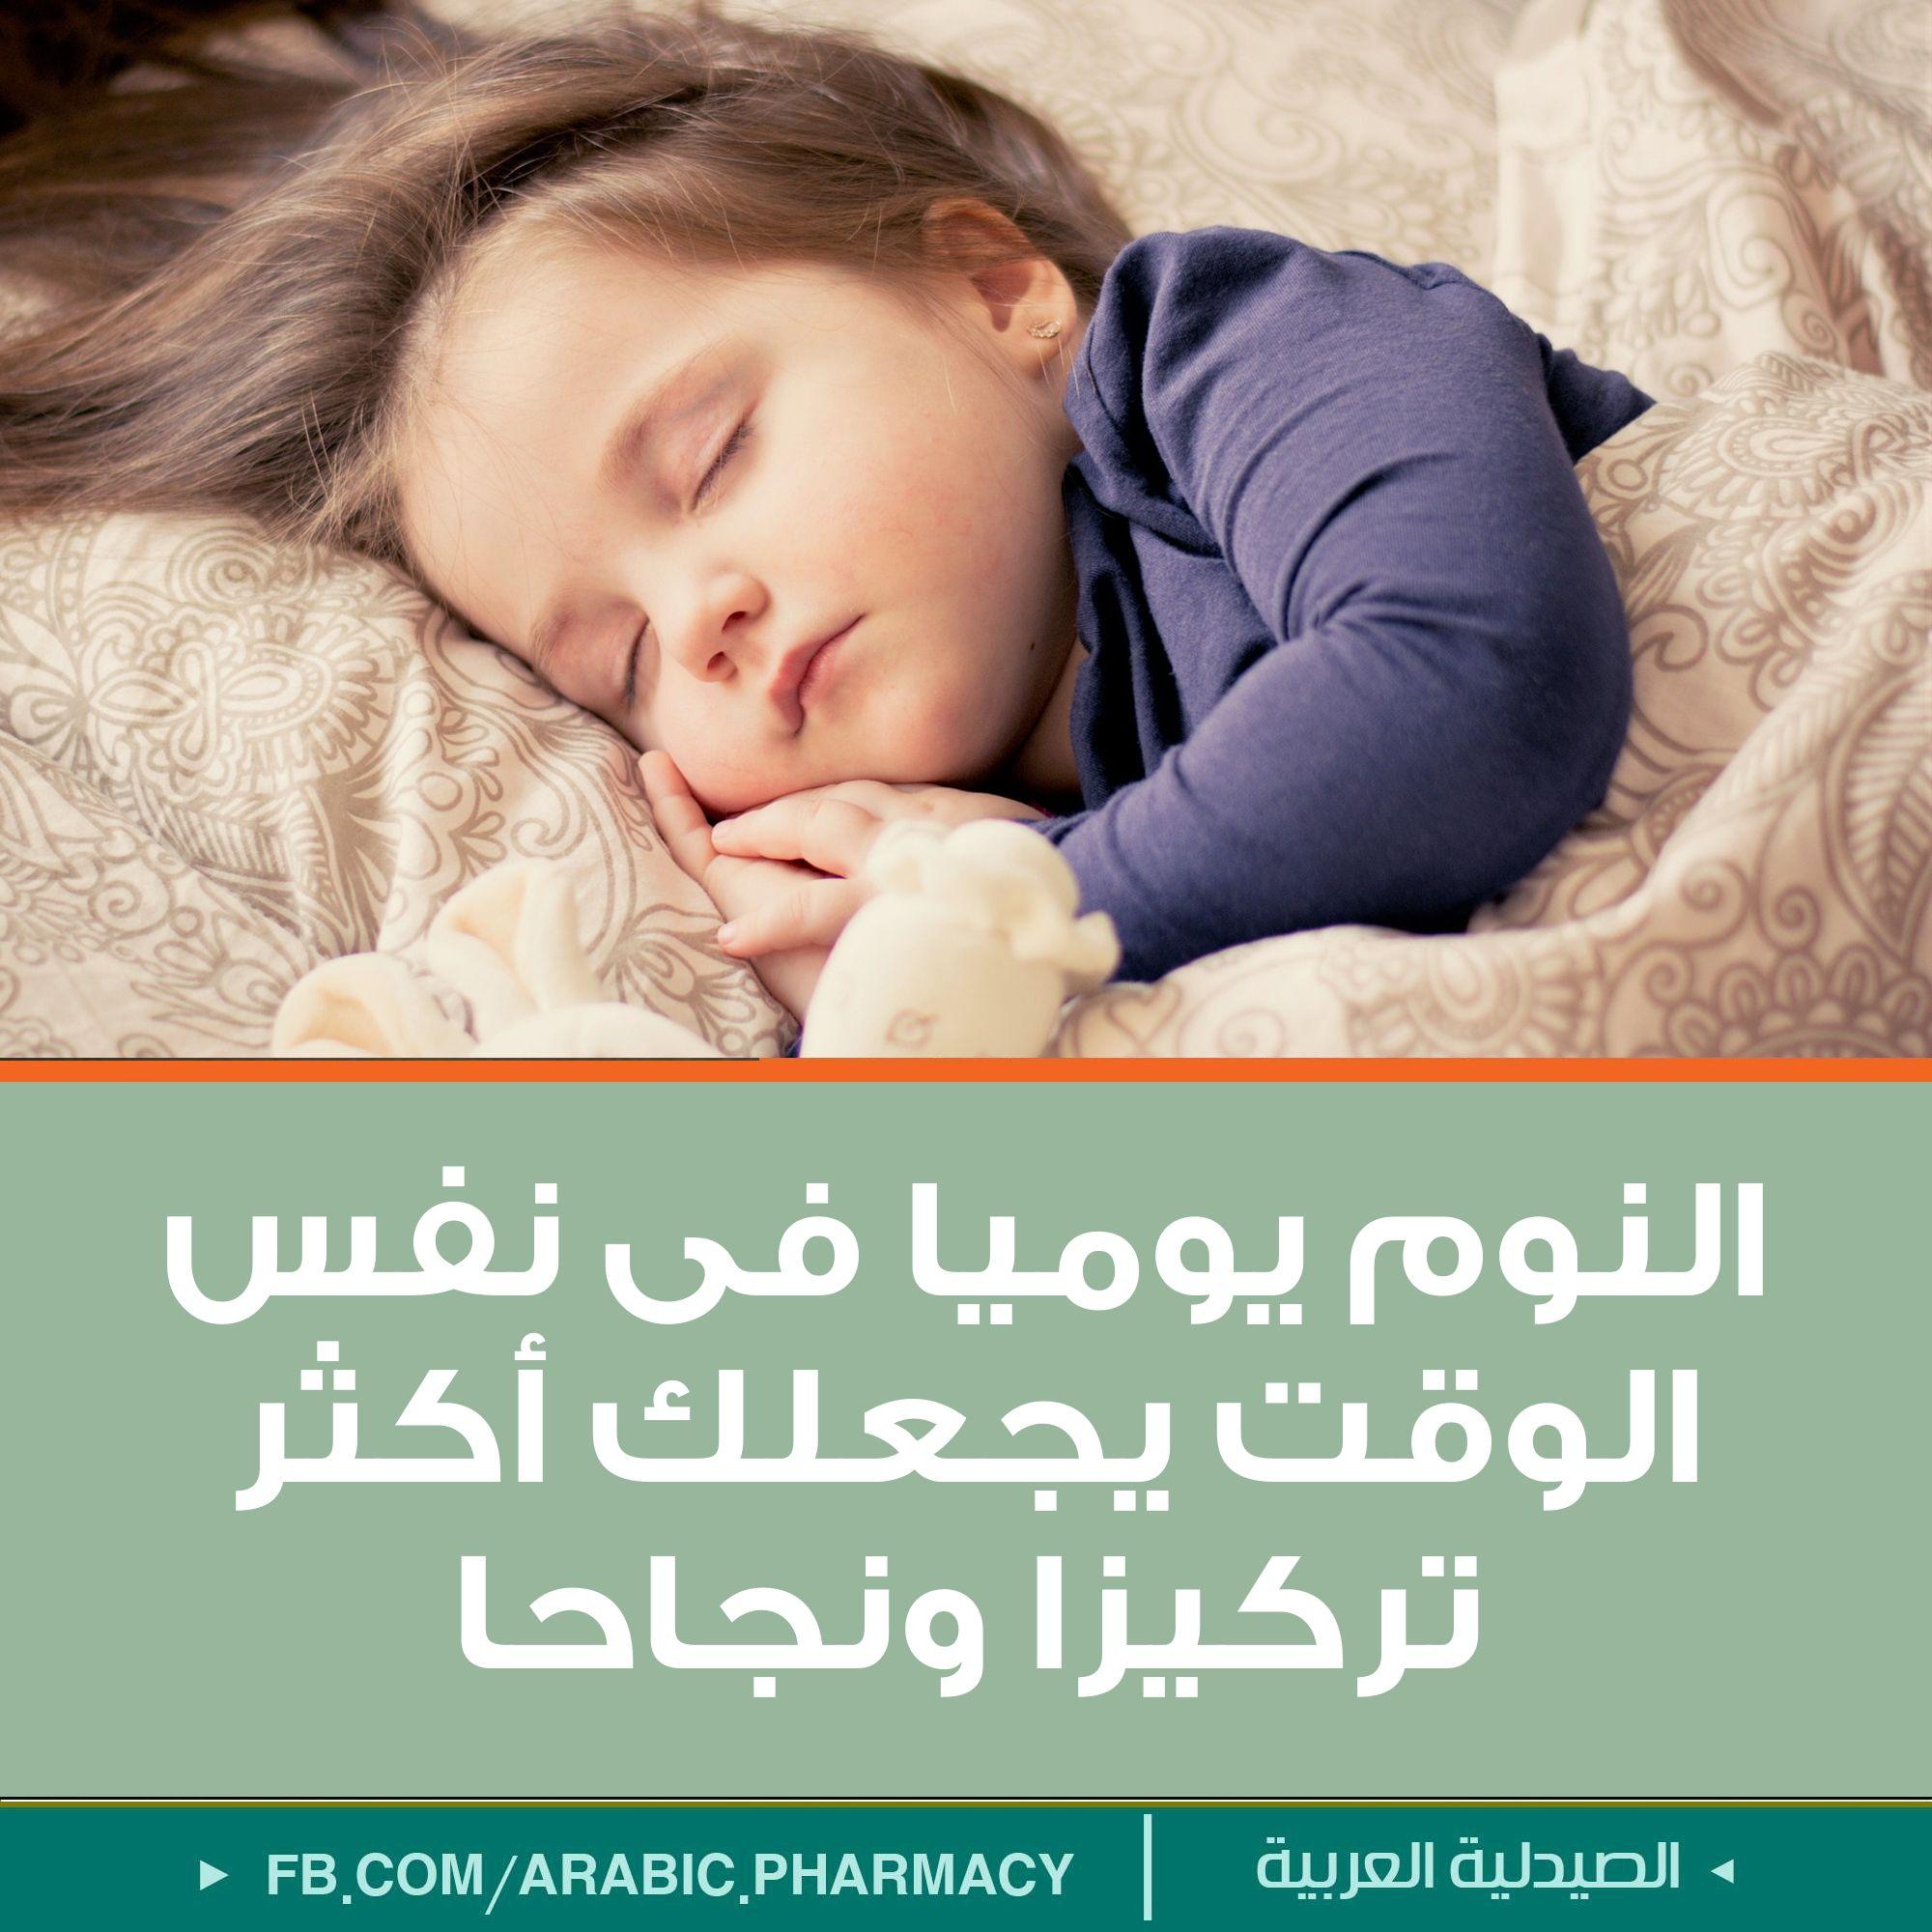 عن النوم اكتب تـم في التعليقات ليصلك كل جديد تفضلوا يزيارة موقع الصيدلية العربية Http Www Qu Medical Com Pharmacy Pharmacy Medical Baby Face